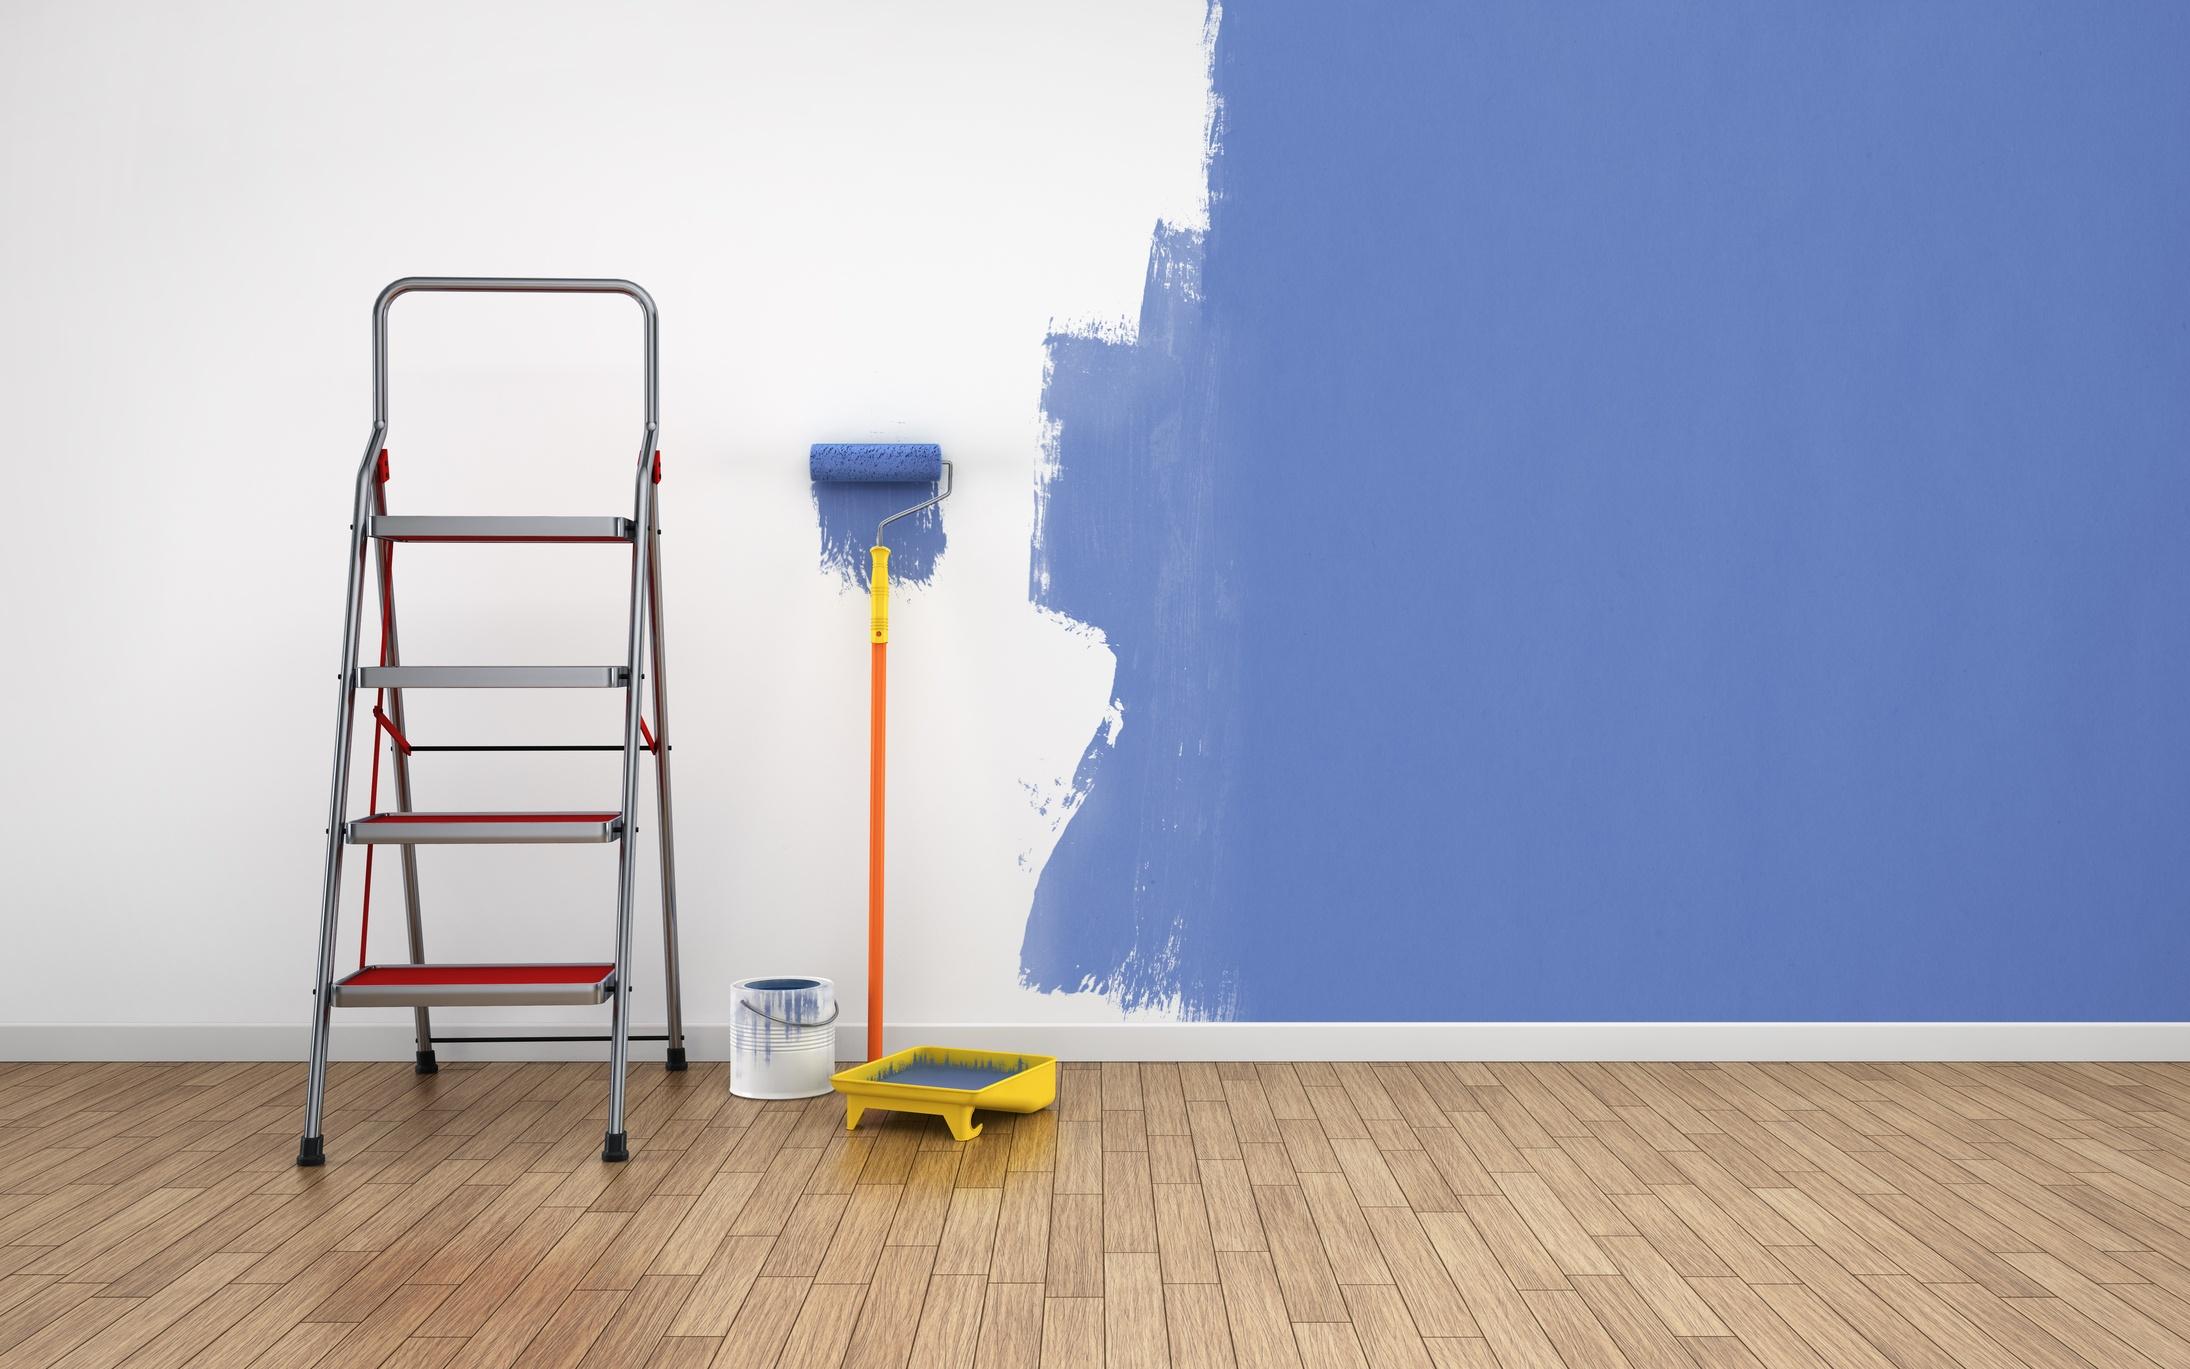 Half painted room